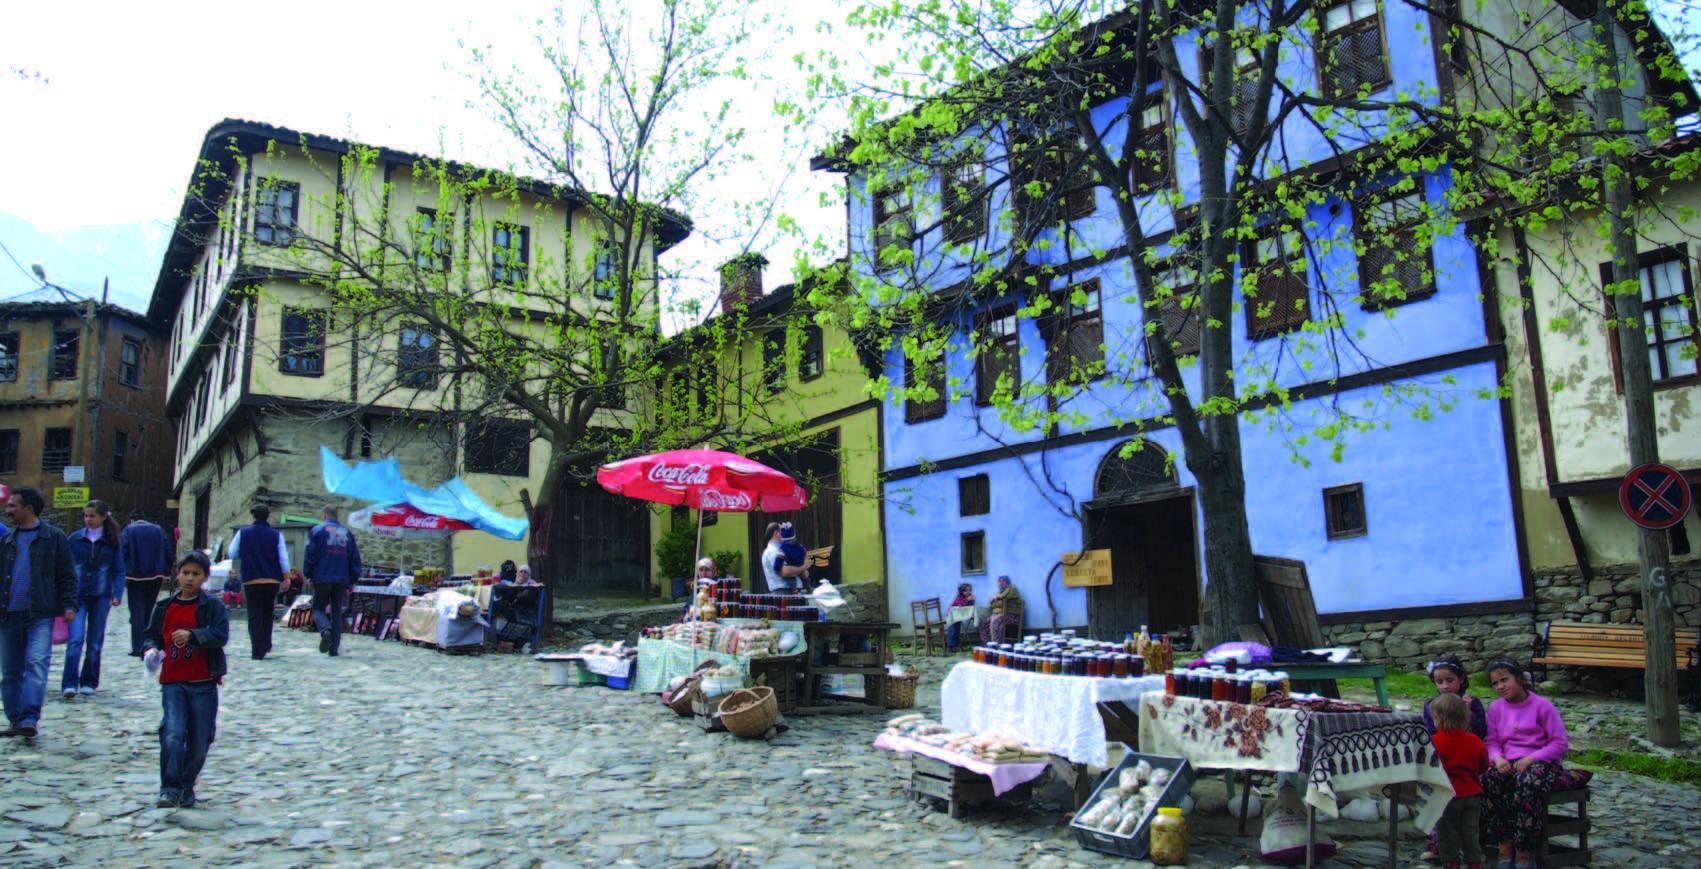 gurbaytur - cumalıkızık fotoğraf turu